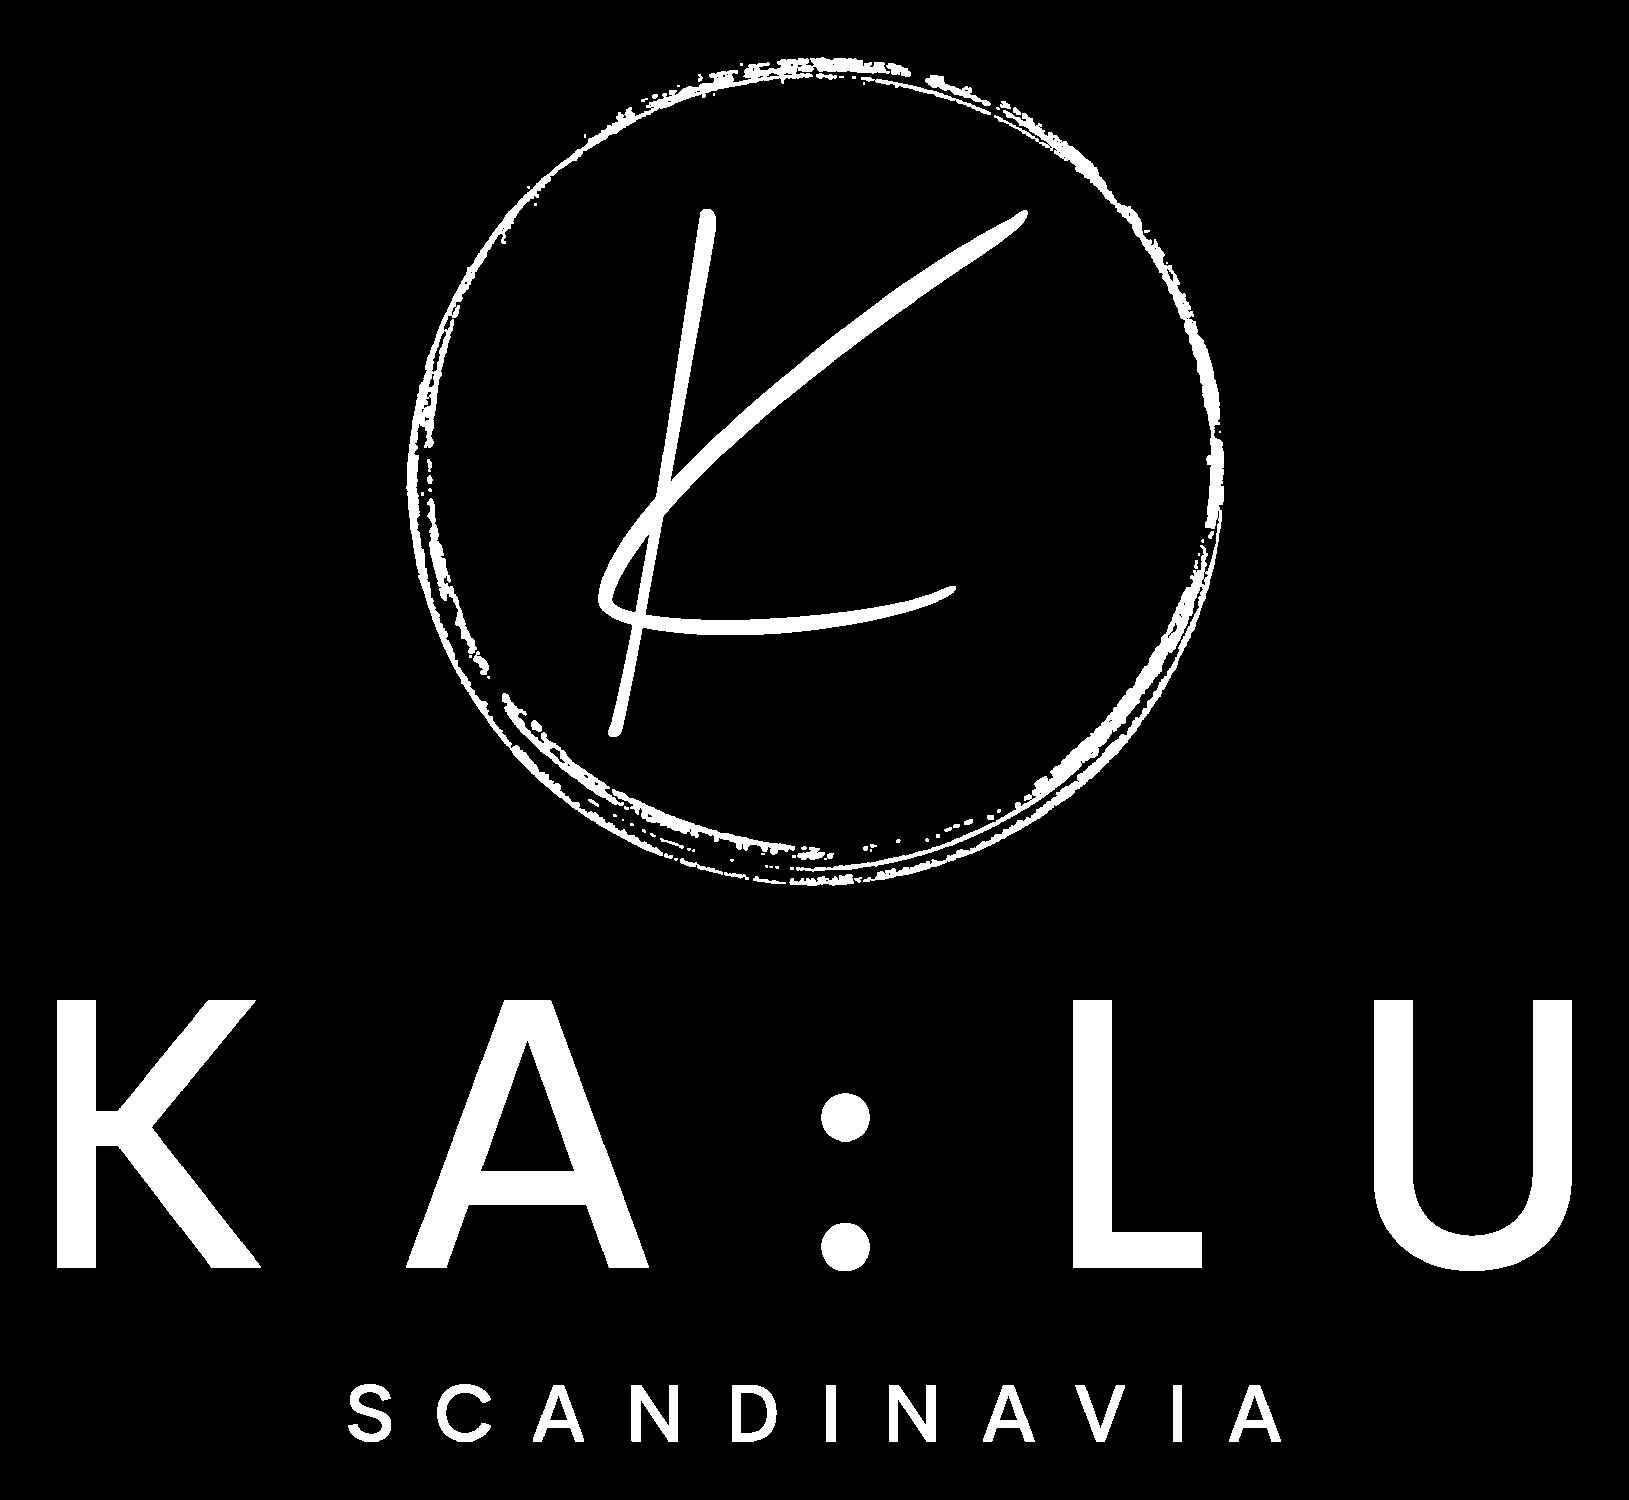 KA:LU